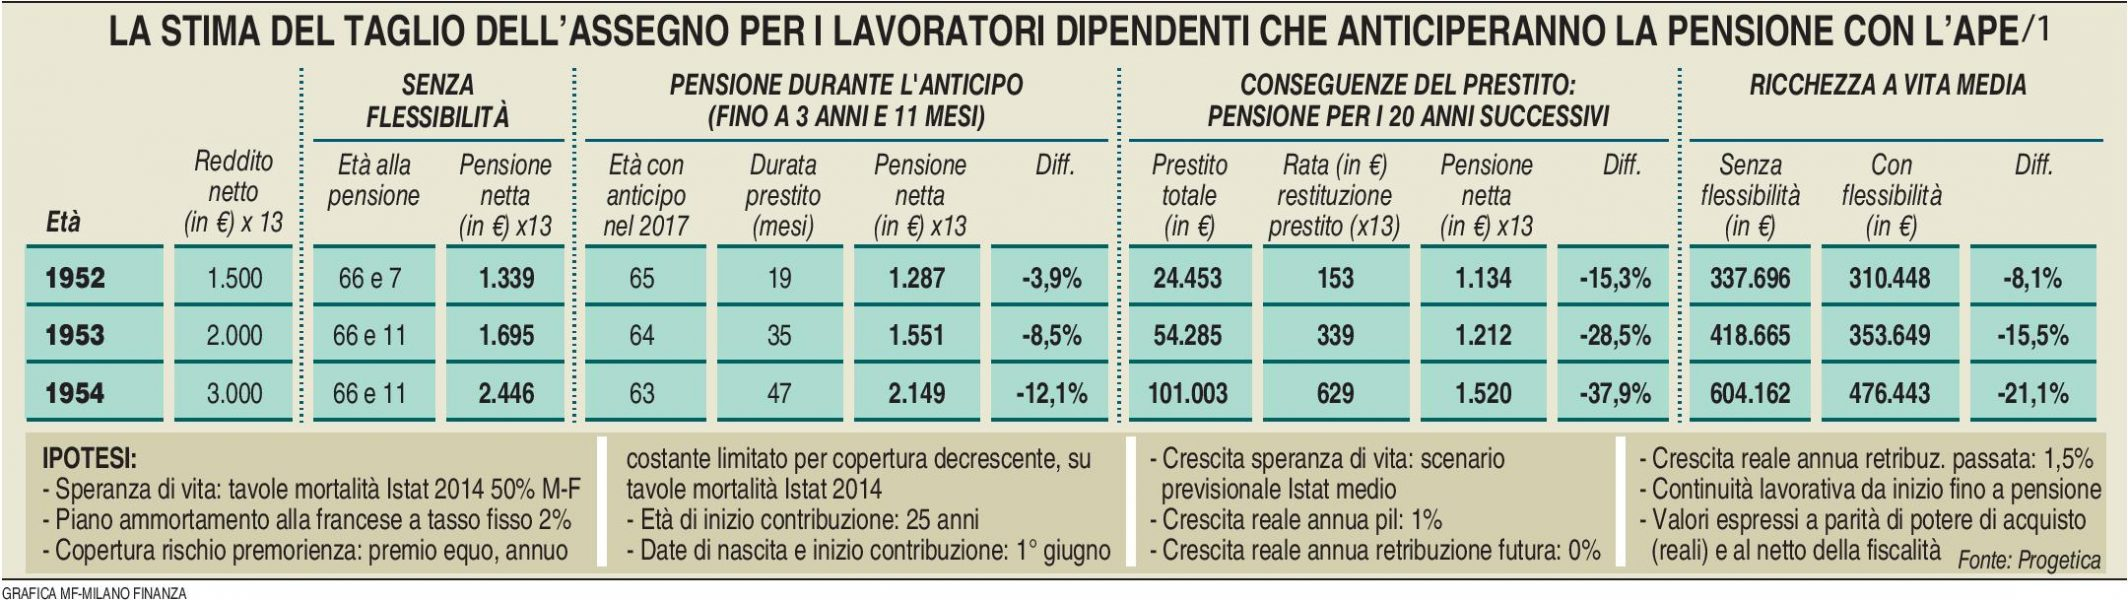 pensioni-ape-1-milano-finanza-17-09-2016-imc